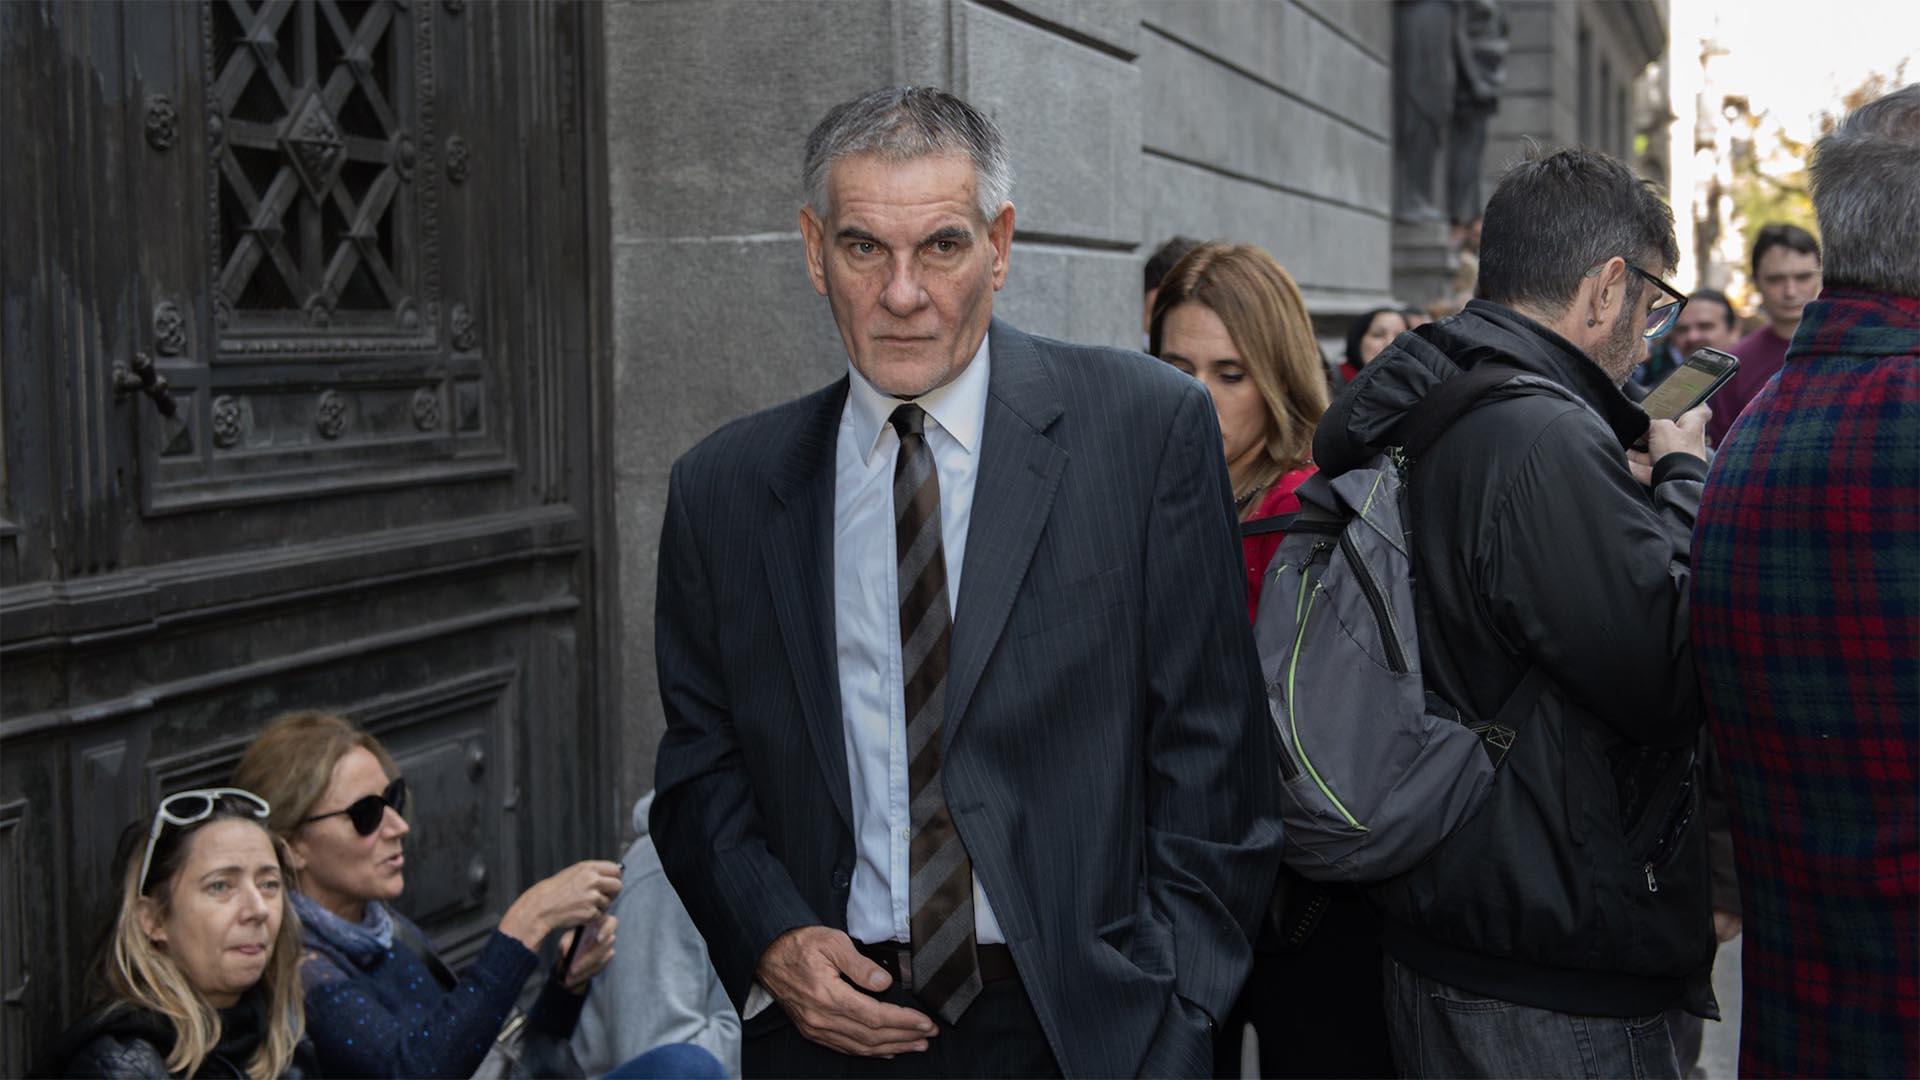 El diputado nacional Carlos Castagneto